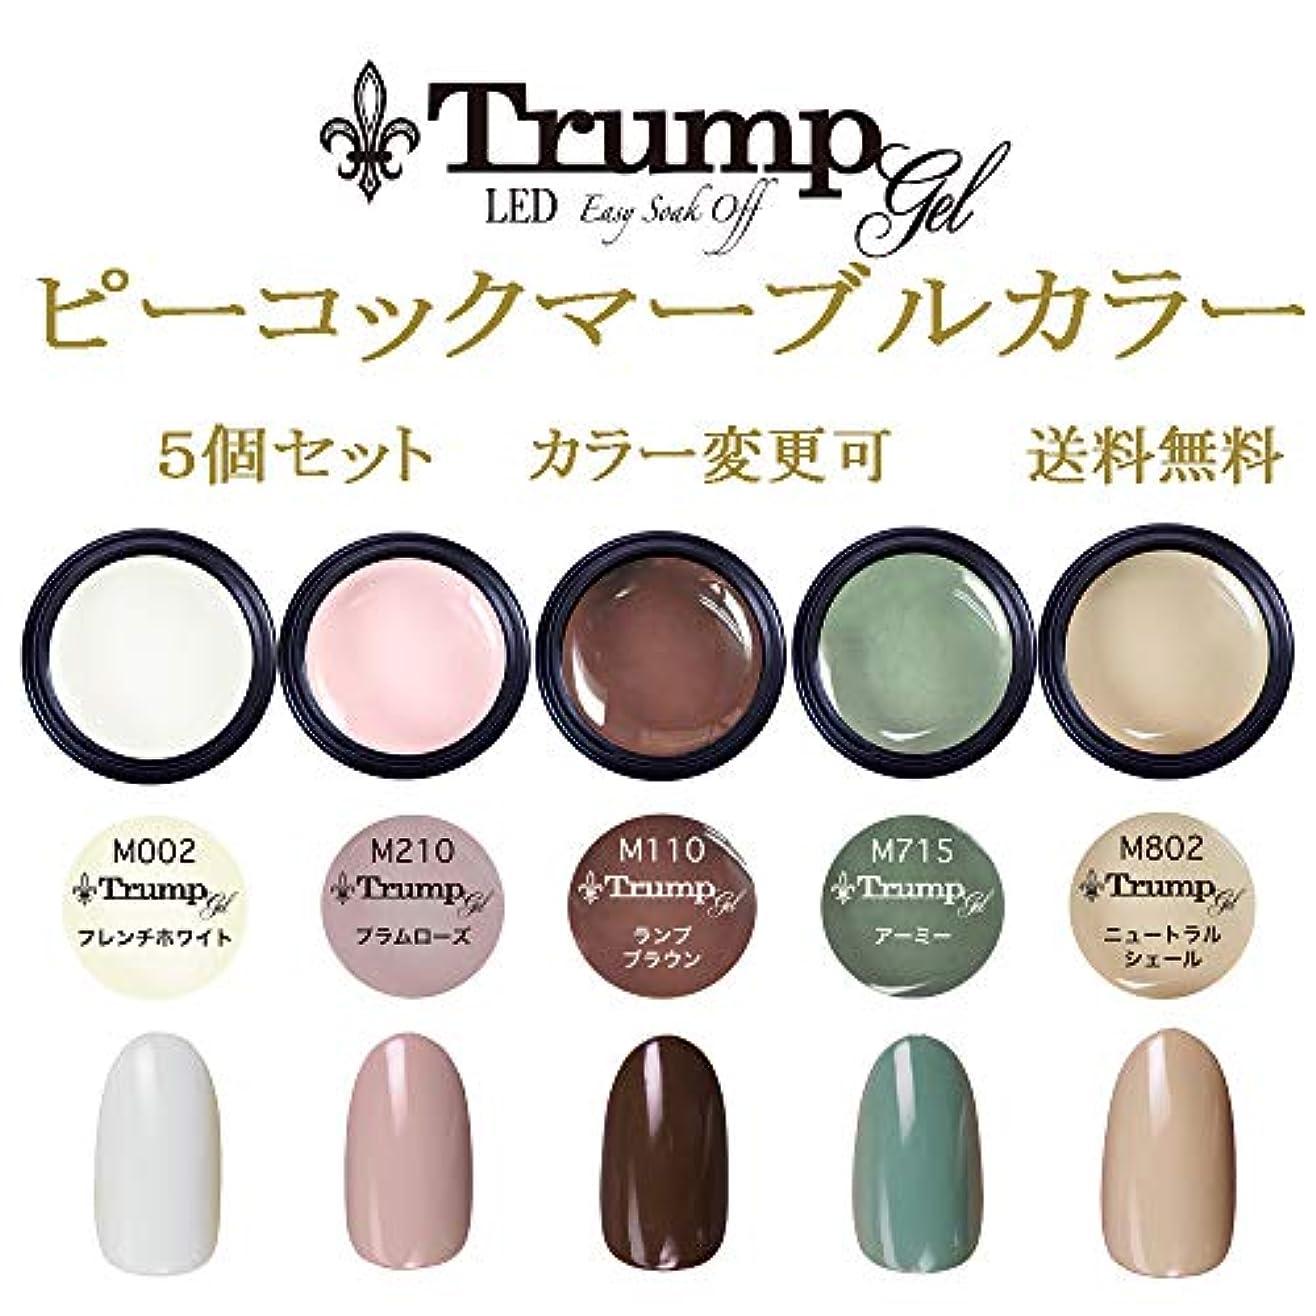 必要条件市民権持つ【送料無料】日本製 Trump gel トランプジェル ピーコックマーブル カラージェル 5個セット 魅惑のフロストマットトップとマットに合う人気カラーをチョイス